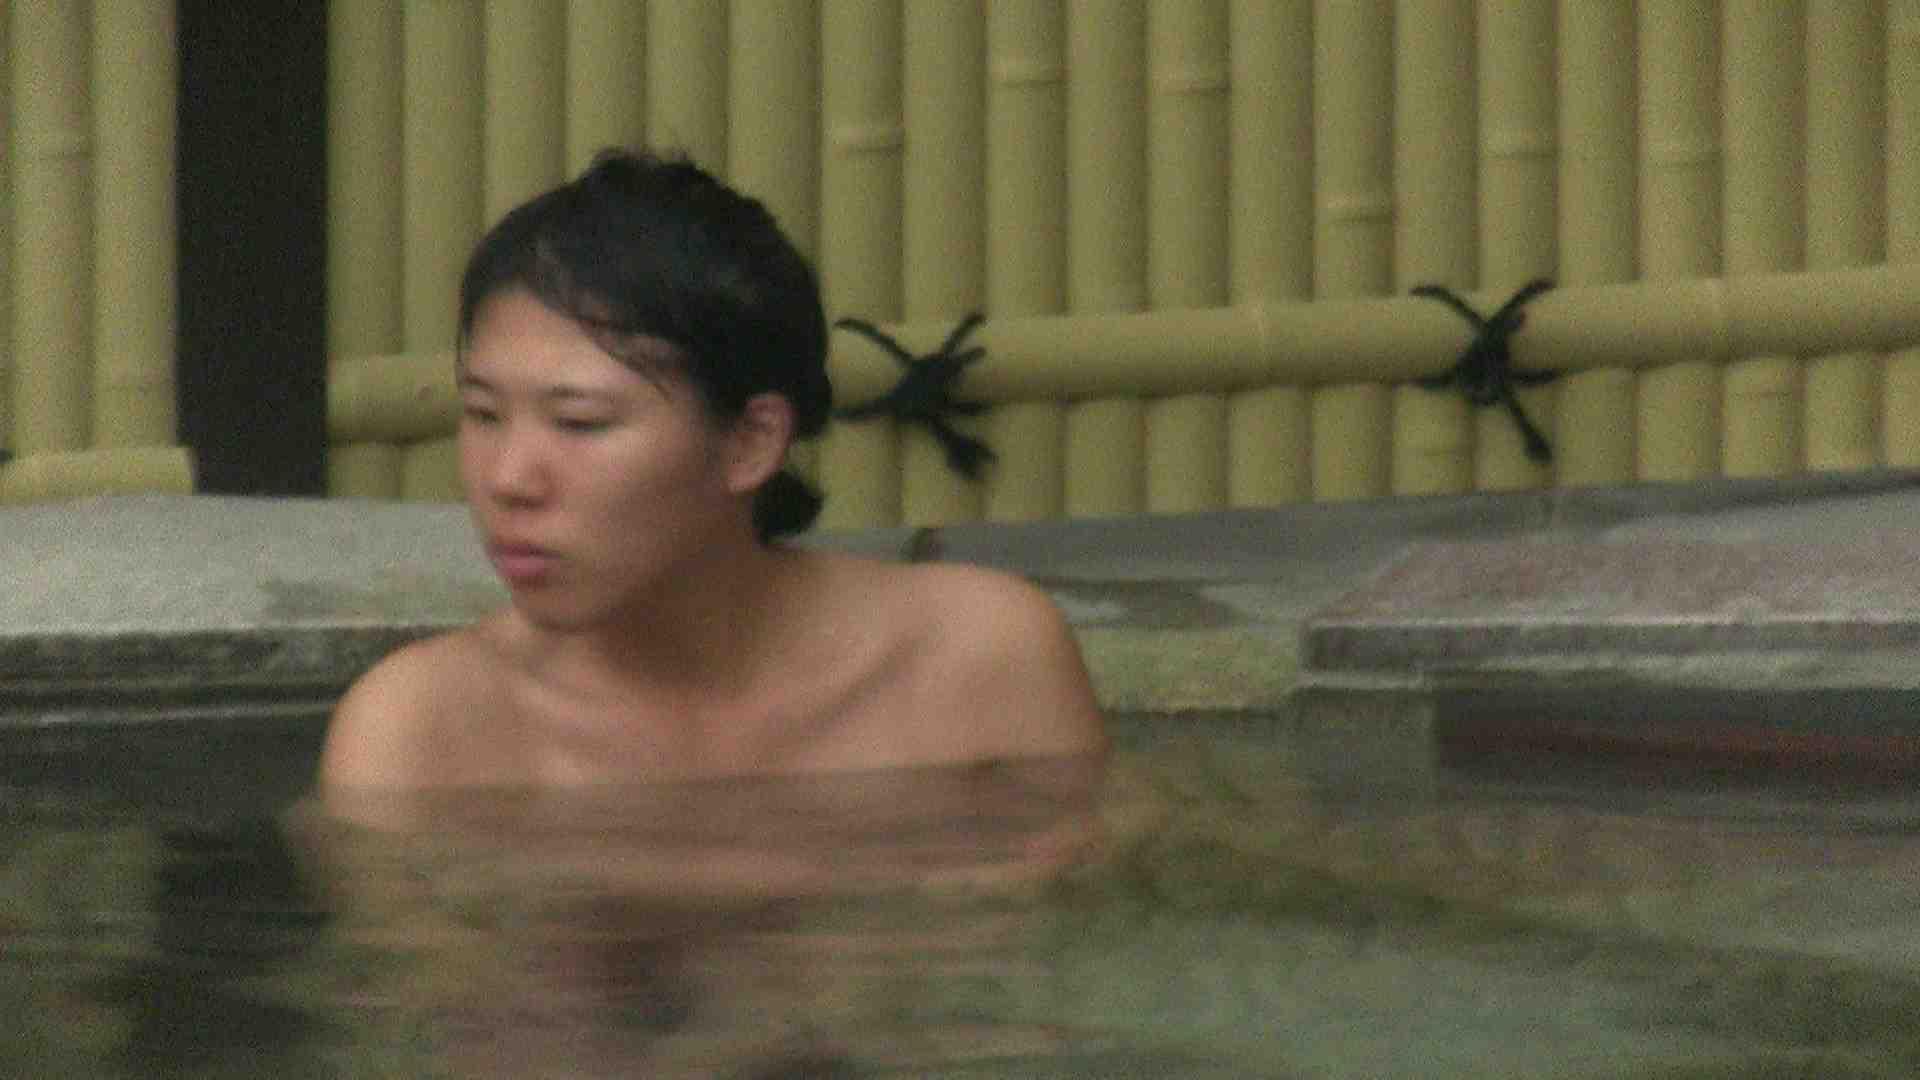 Aquaな露天風呂Vol.215 盗撮 | OLのエロ生活  35連発 31